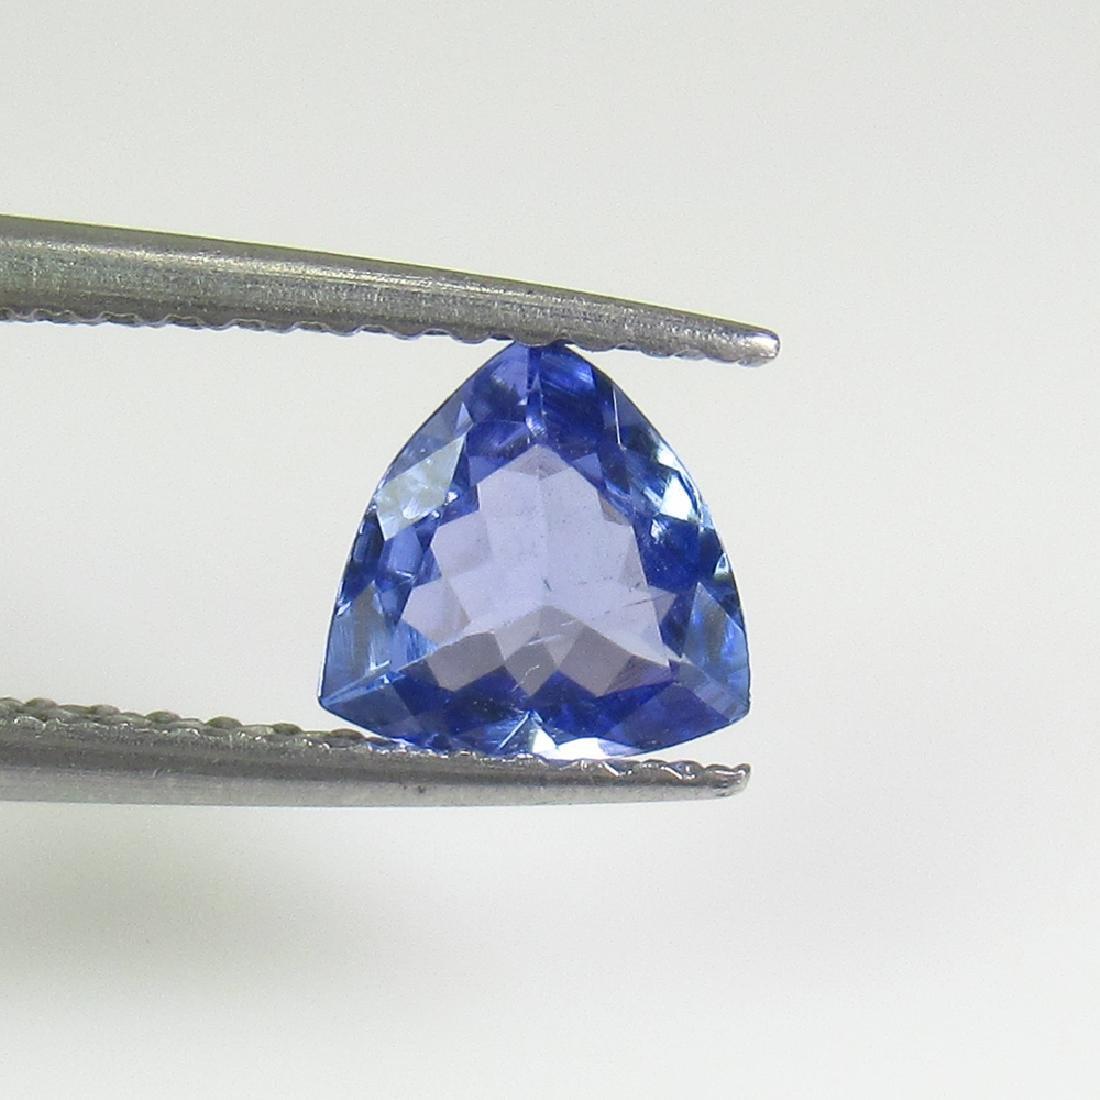 0.60 Ct Natural Tanzanite 6X6 mm Trillion cut